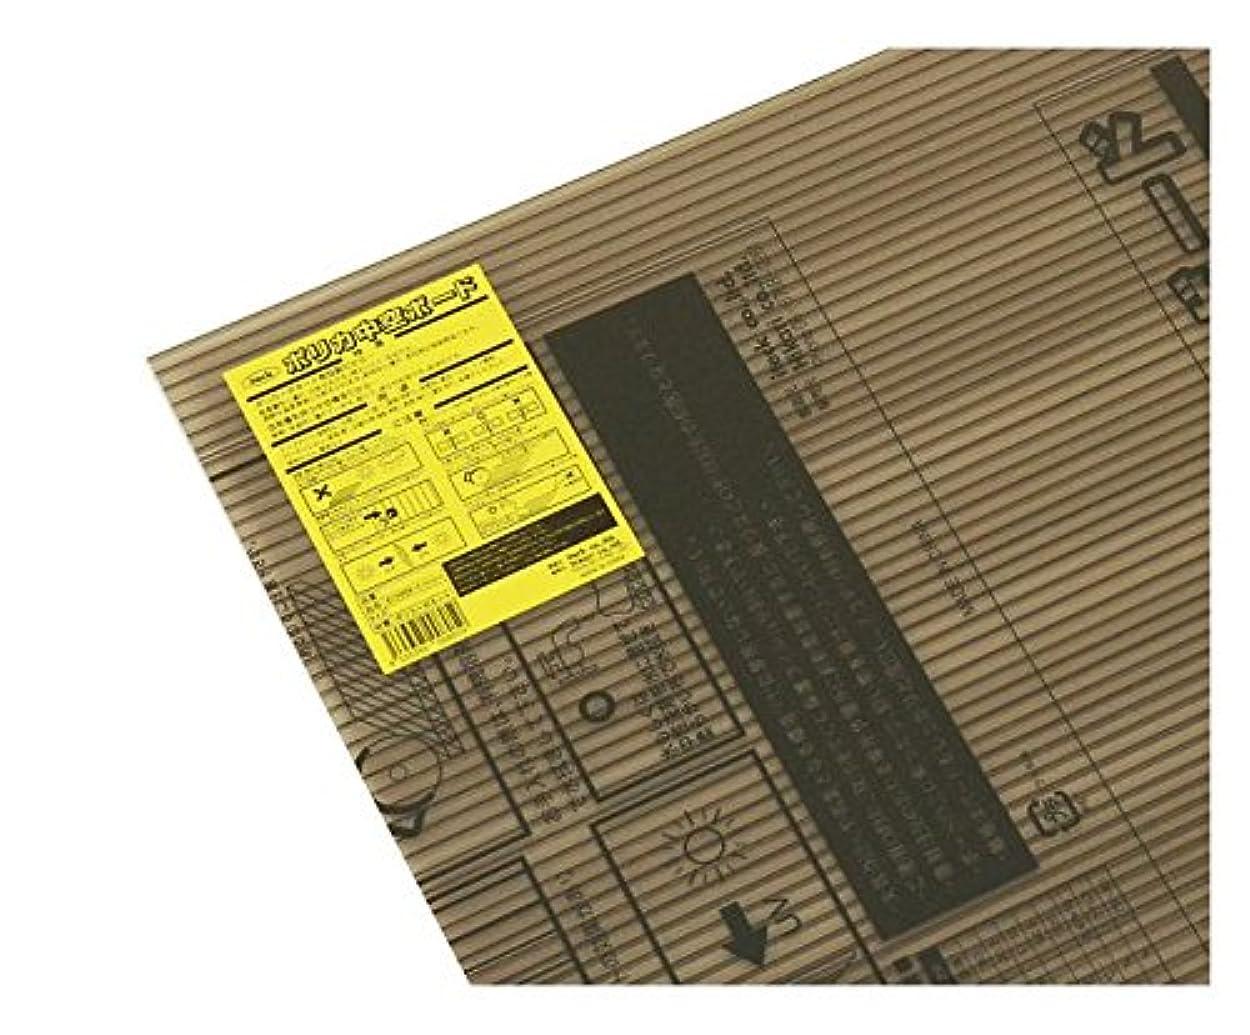 着飾るくつろぐ取り替える光 ポリカ中空ボード ブラウンスモーク 2枚入 4×900×900mm KTP990W-2-2